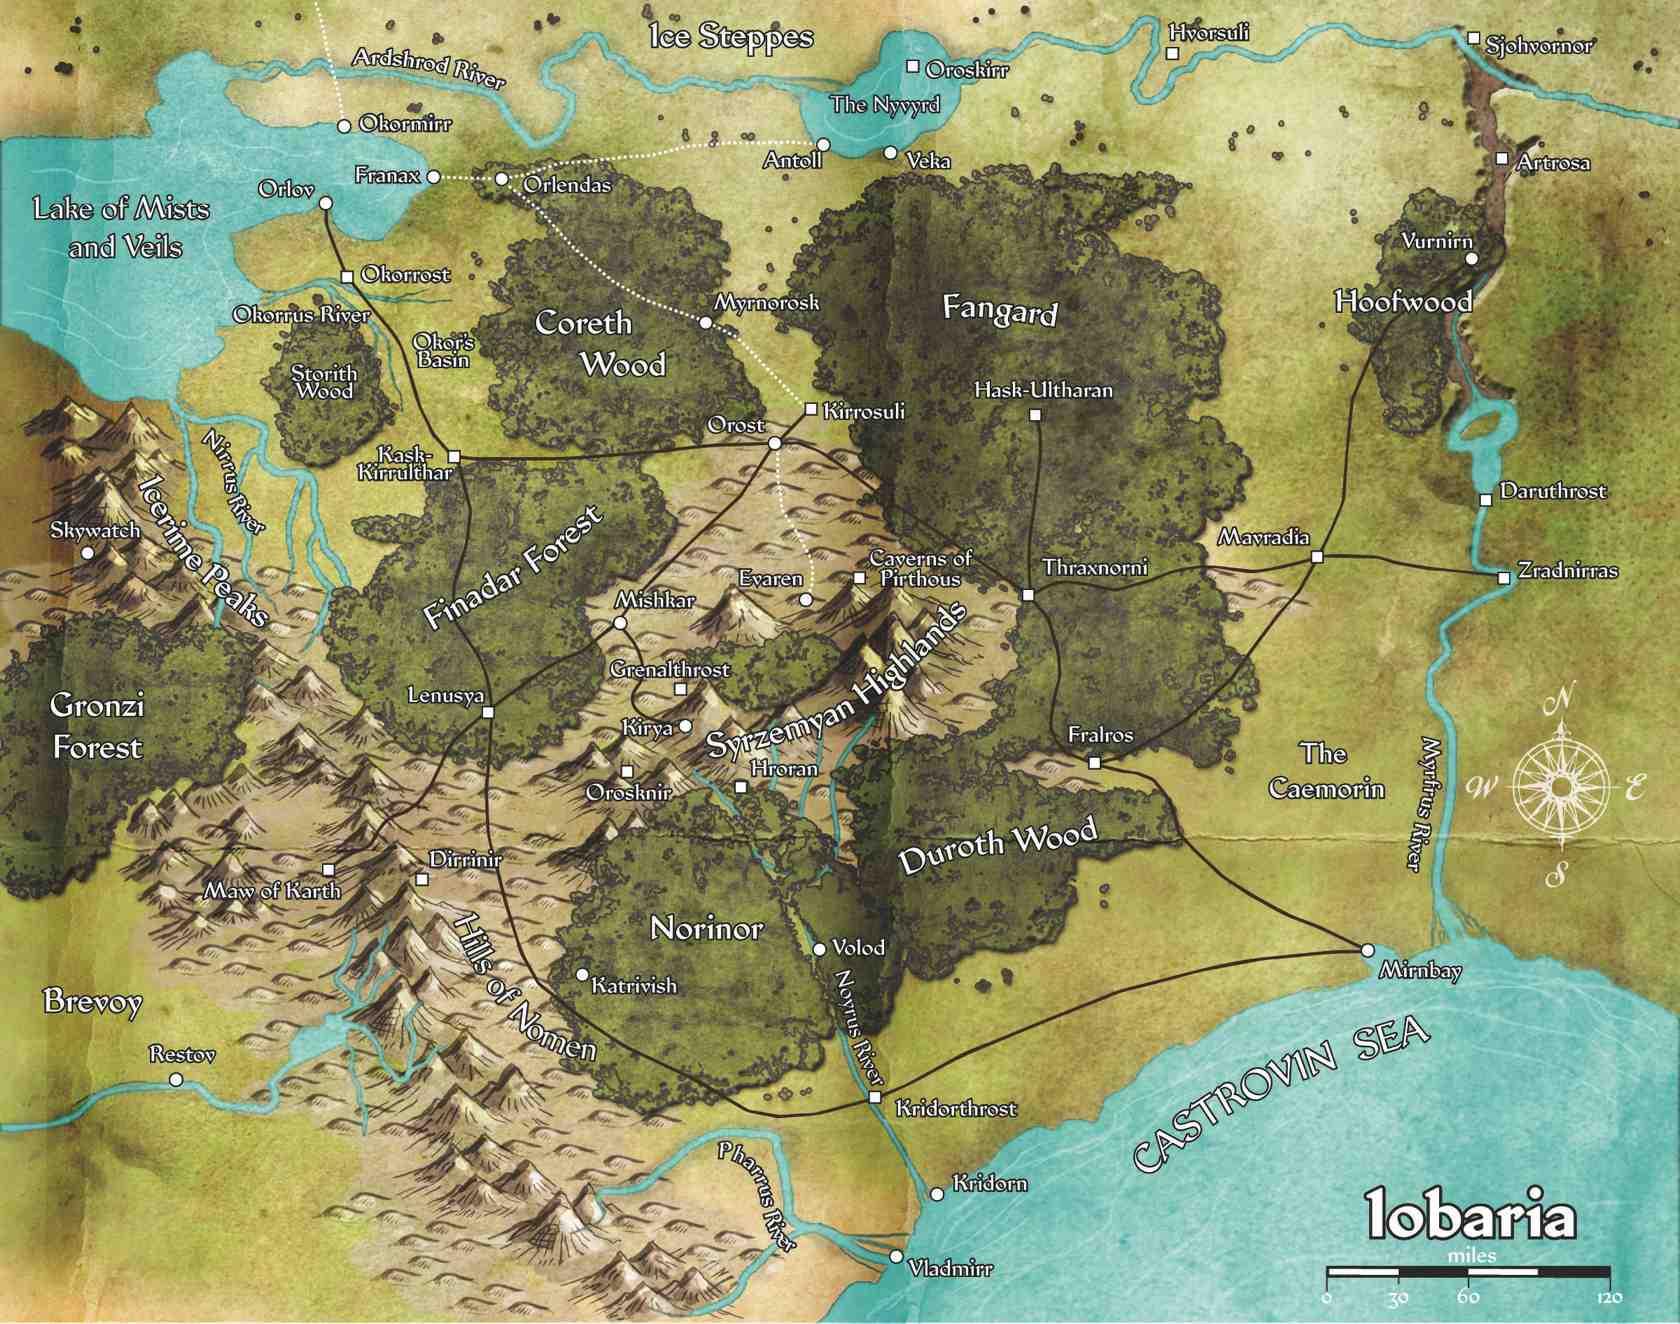 Captivating Iobaria Map